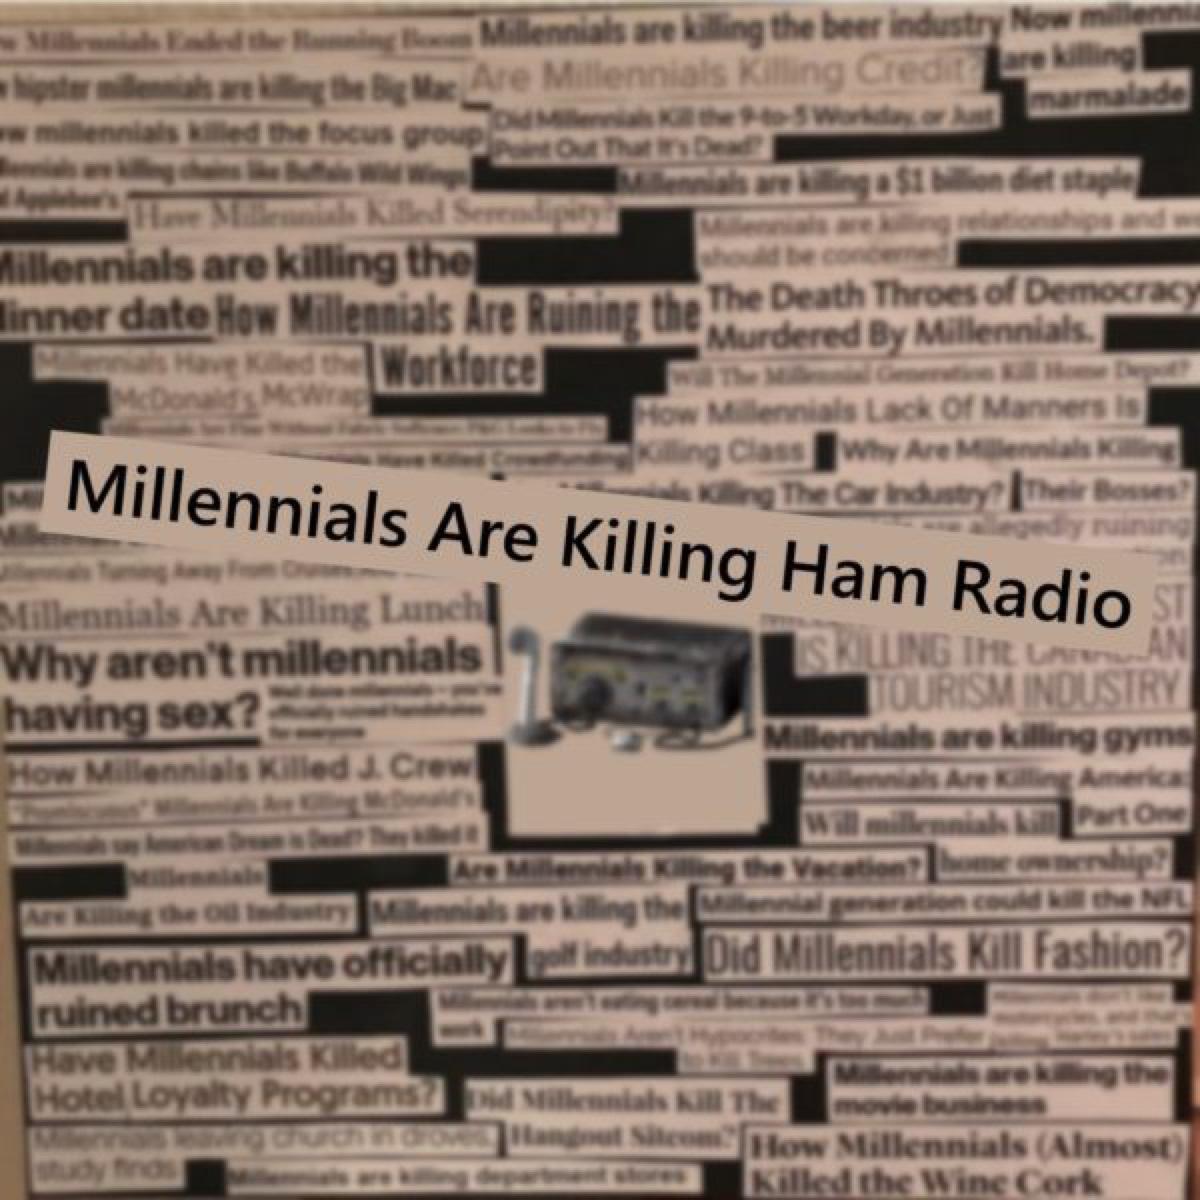 Millenialsarekillinghamradiofeaturedimage-E1511414962571